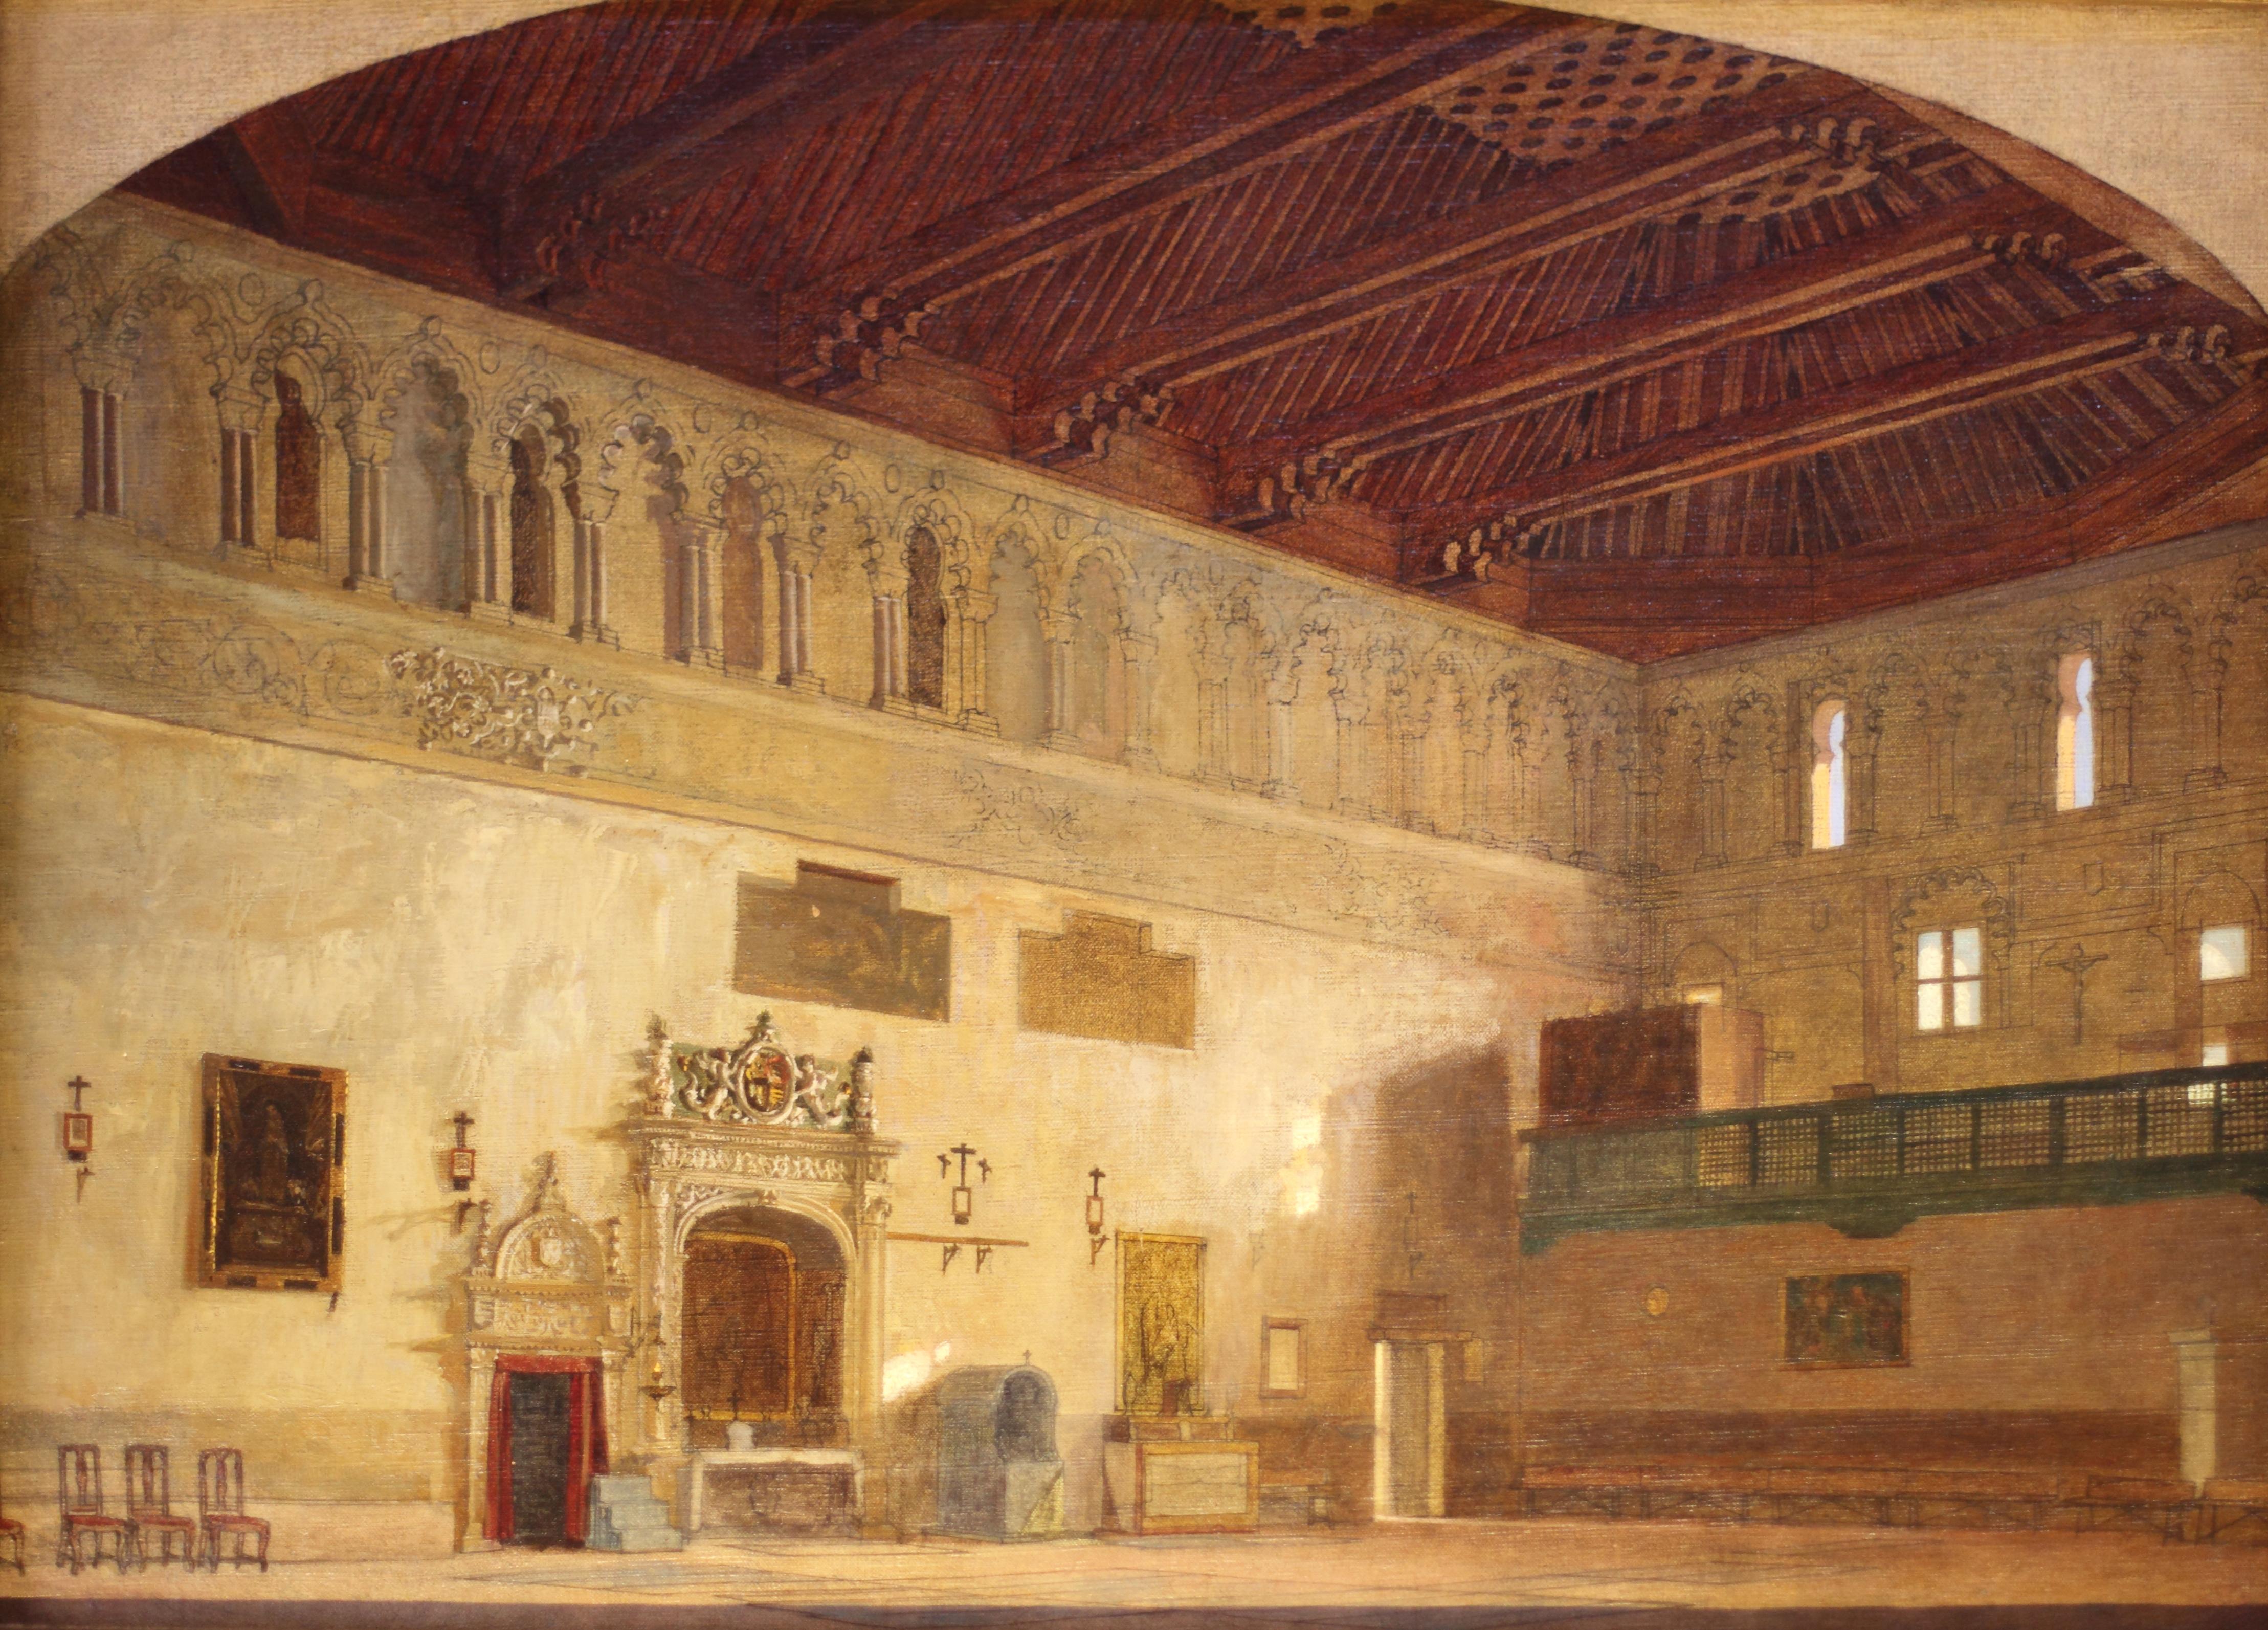 File:Interior de la iglesia de San Benito (Sinagoga del Tránsito).jpg - Wikim...